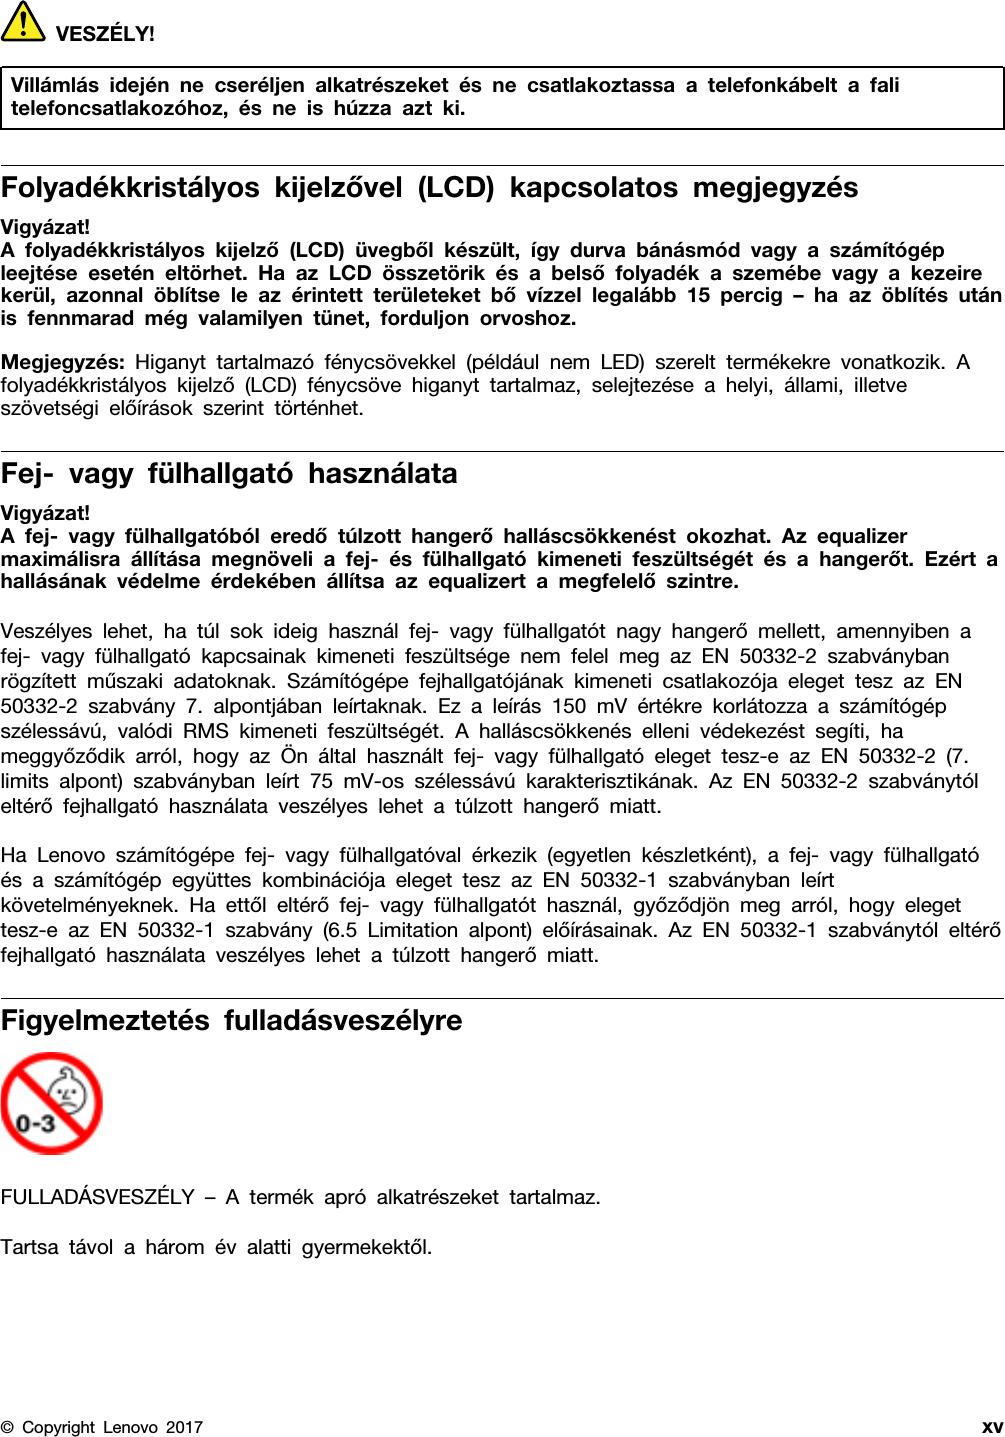 hogyan lehet eltávolítani a fehér férgeket gyermekektől mérgező ár rubelben